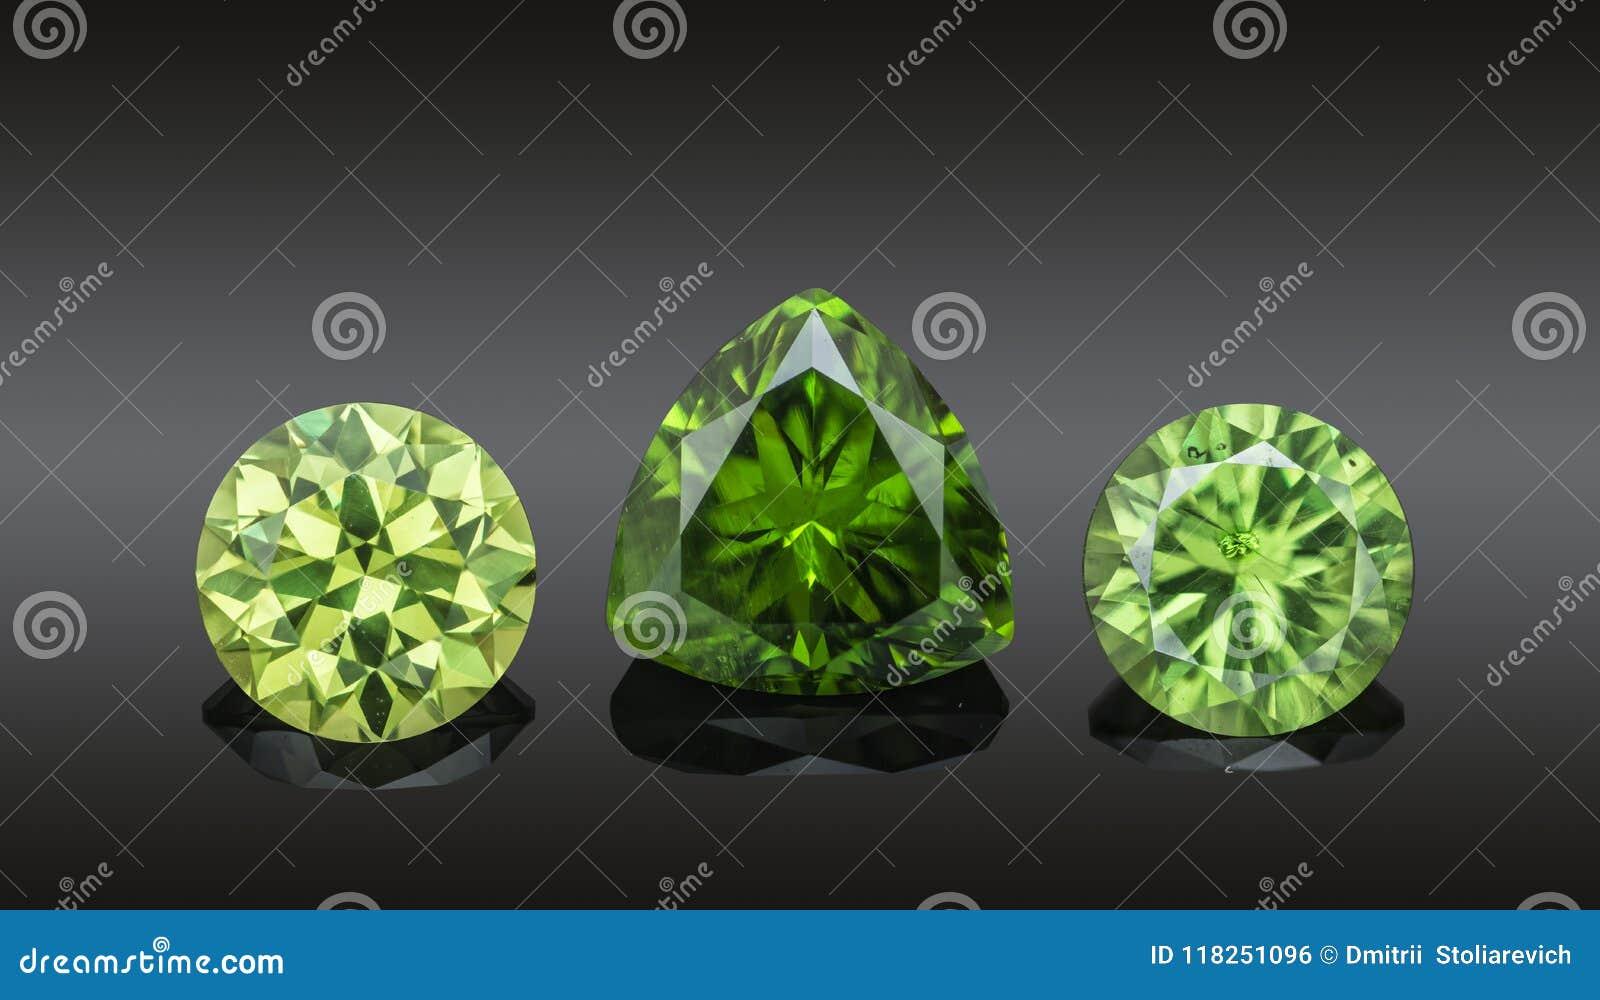 Sistema de piedras preciosas chispeantes transparentes verdes de lujo del diverso collage de los demantoids de la forma del corte